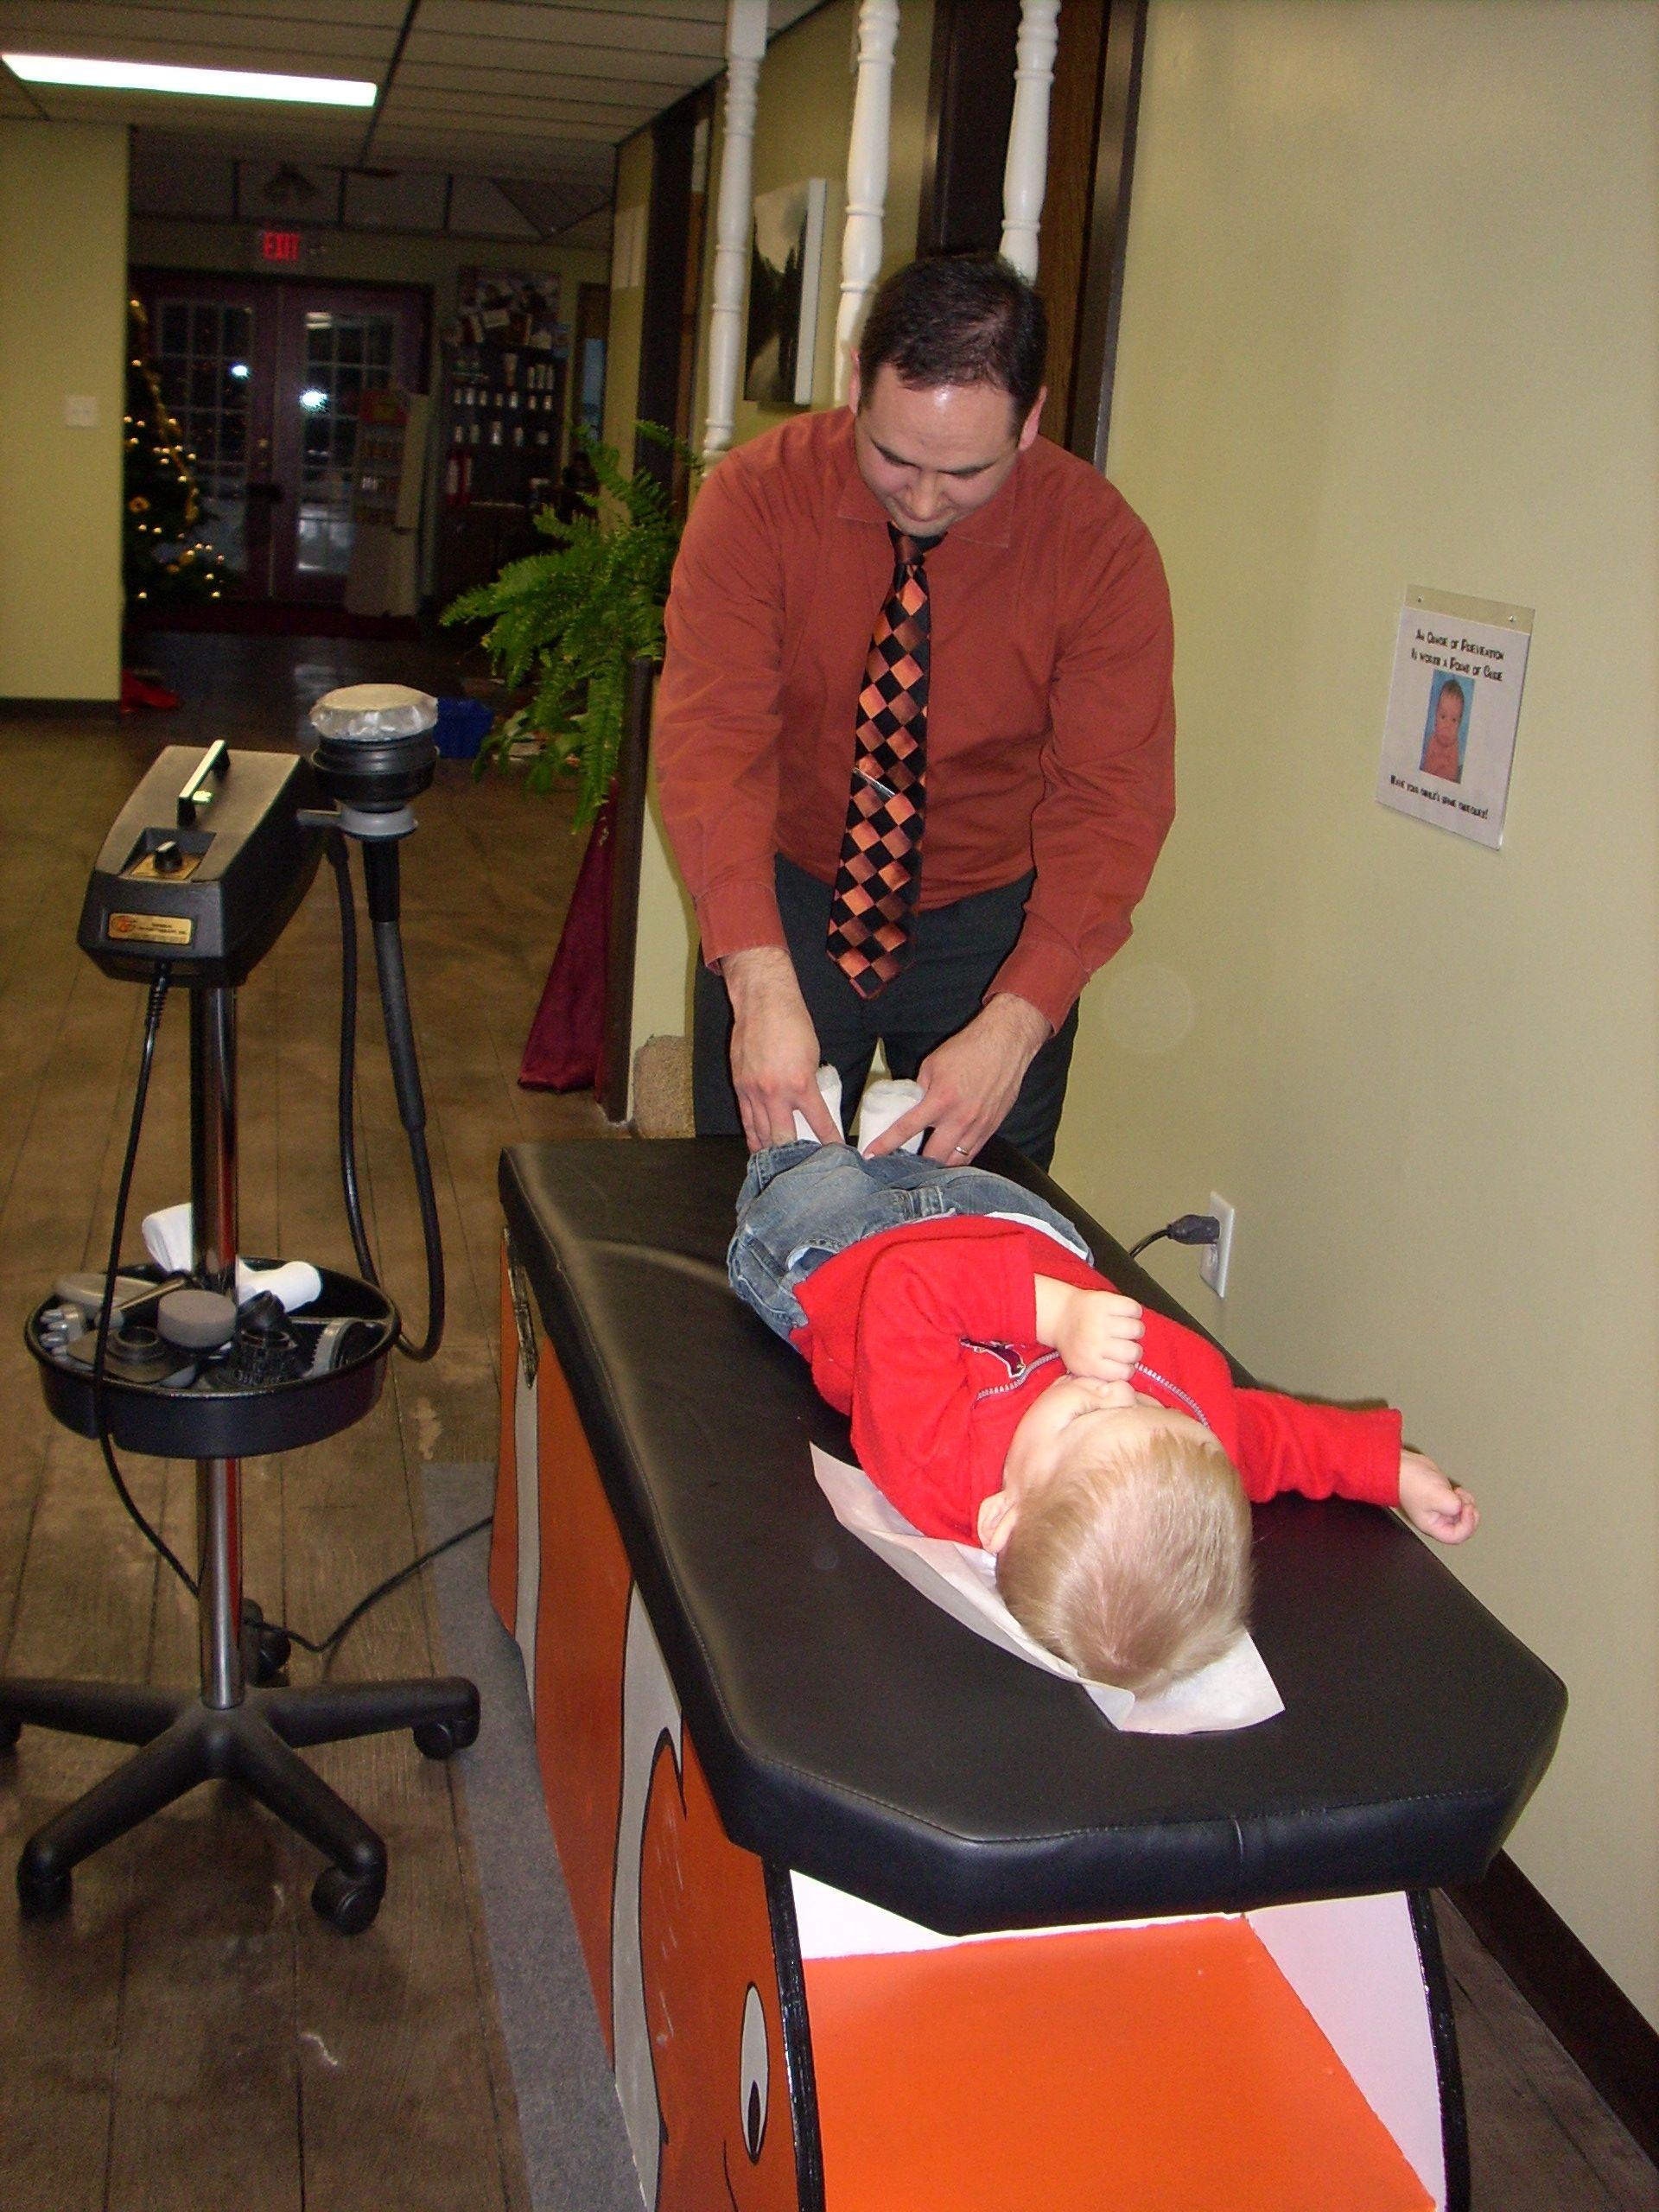 We love Chiropractic Kids!!!  Dr. Marcus Deaver, D.C. 316.321.5433  www.ArtOfLifeChiro.com